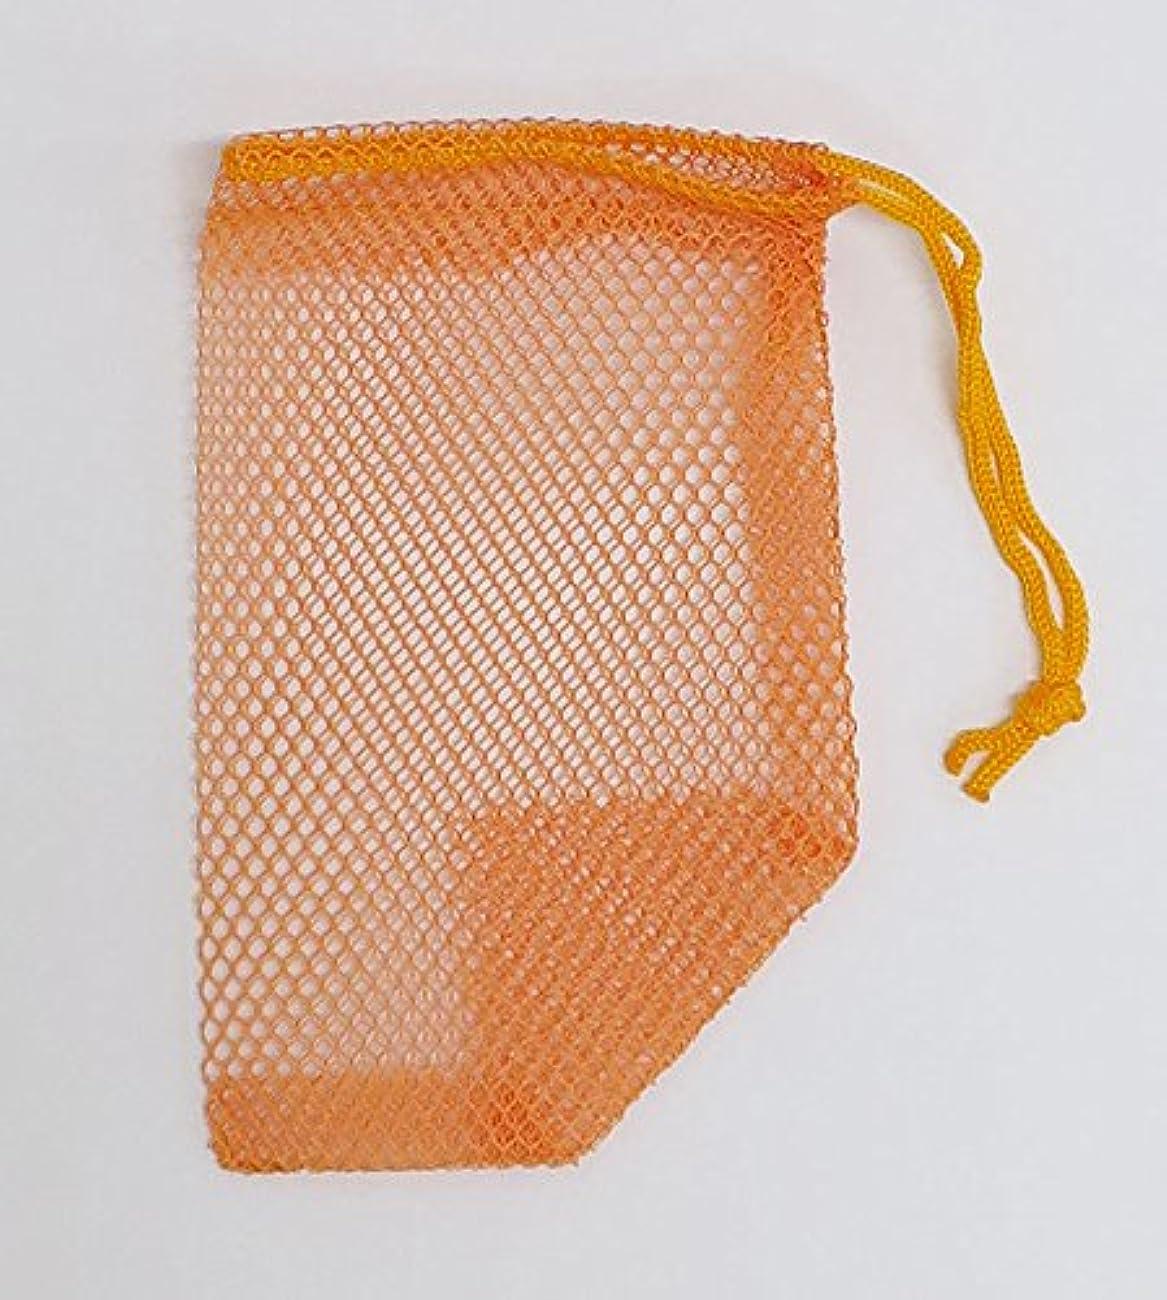 石けんネット ひもタイプ 20枚組 オレンジ